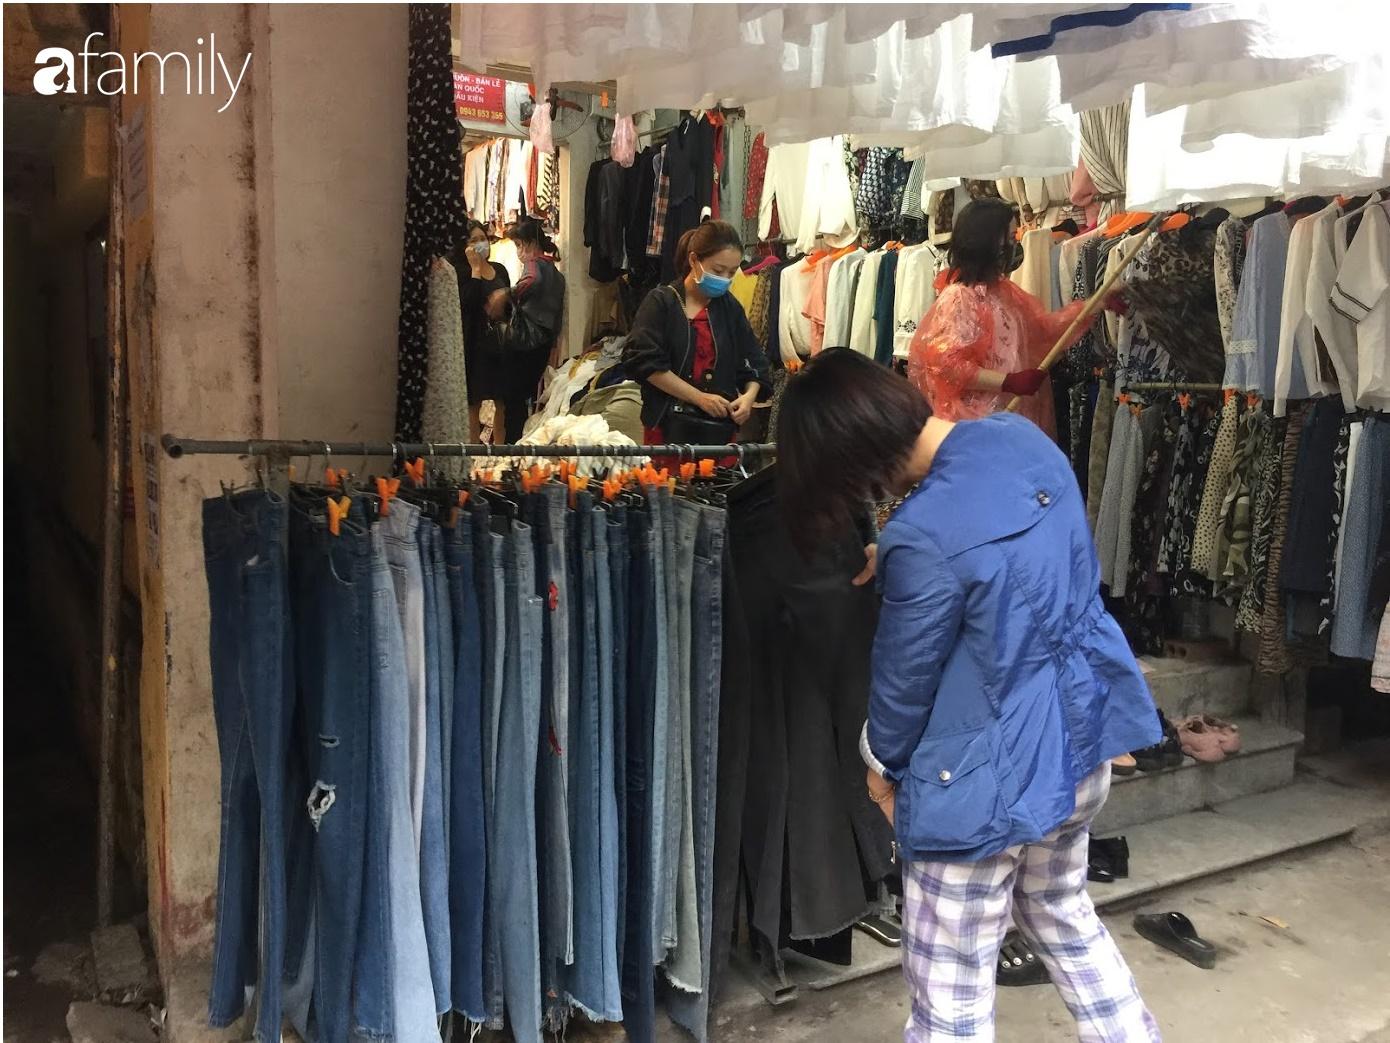 Đi chợ hàng thùng Đông Tác mua quần áo cũ chưa đủ, chị em phải biết săn thêm cả giày, túi và trang sức chất lượng - Ảnh 3.